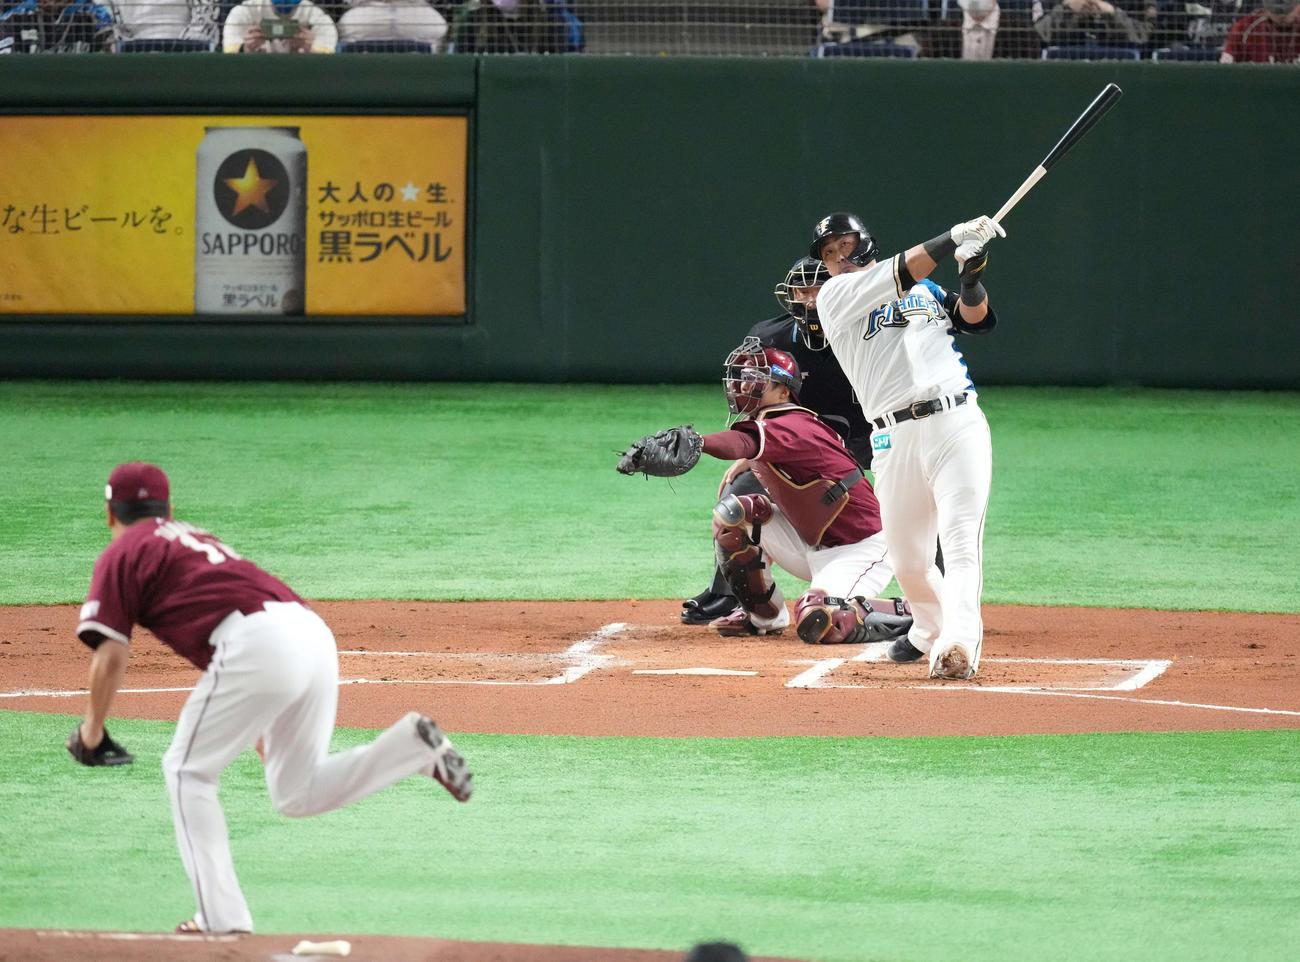 日本ハム対楽天 1回裏日本ハム2死一塁、左中間に先制の2点本塁打を放つ中田。投手田中将(撮影・鈴木みどり)